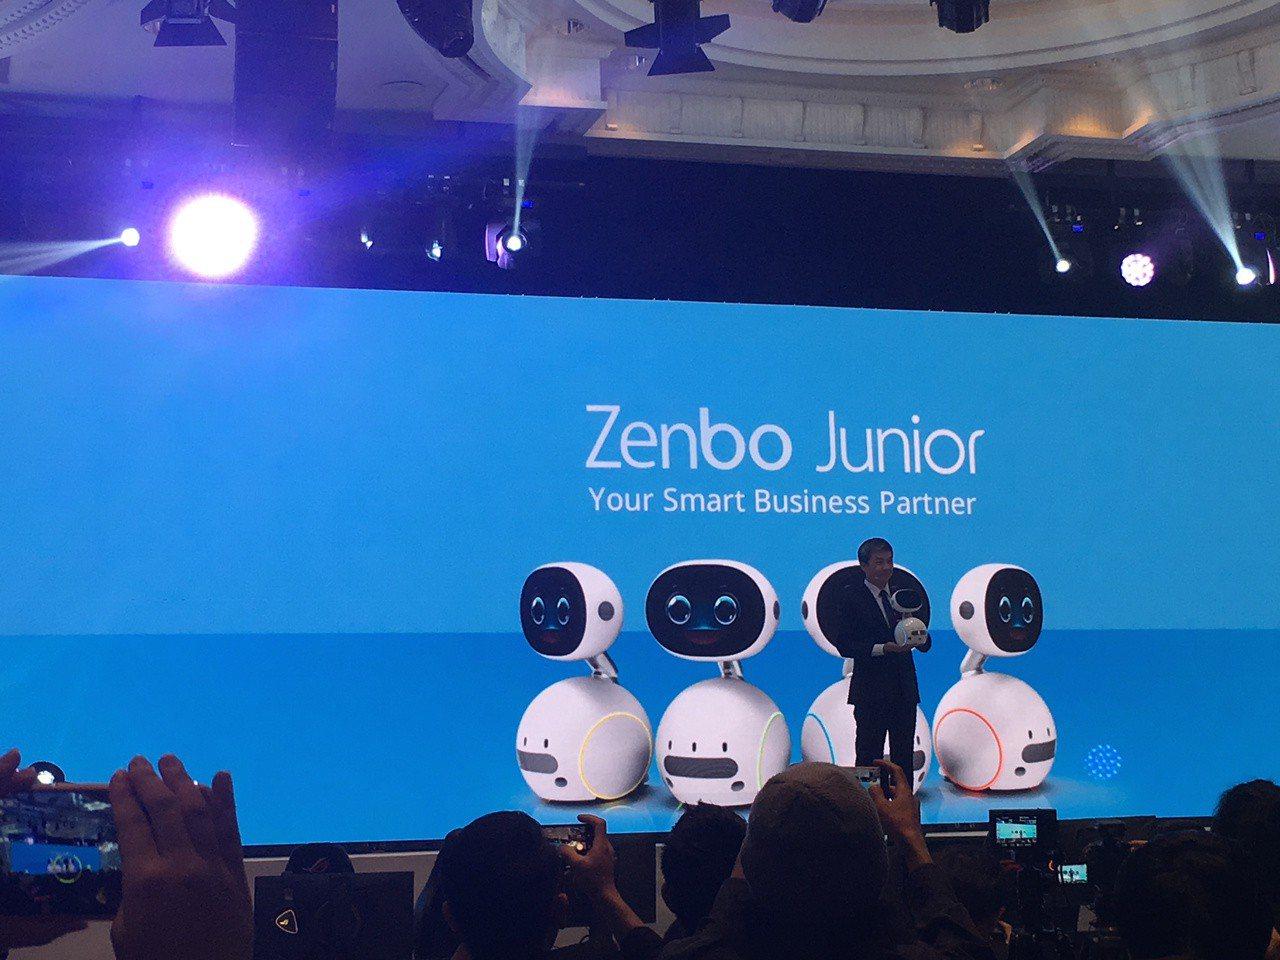 華碩全球副總裁許祐嘉,今日也首度發表的商用機器人「Zenbo Junior」。謝...